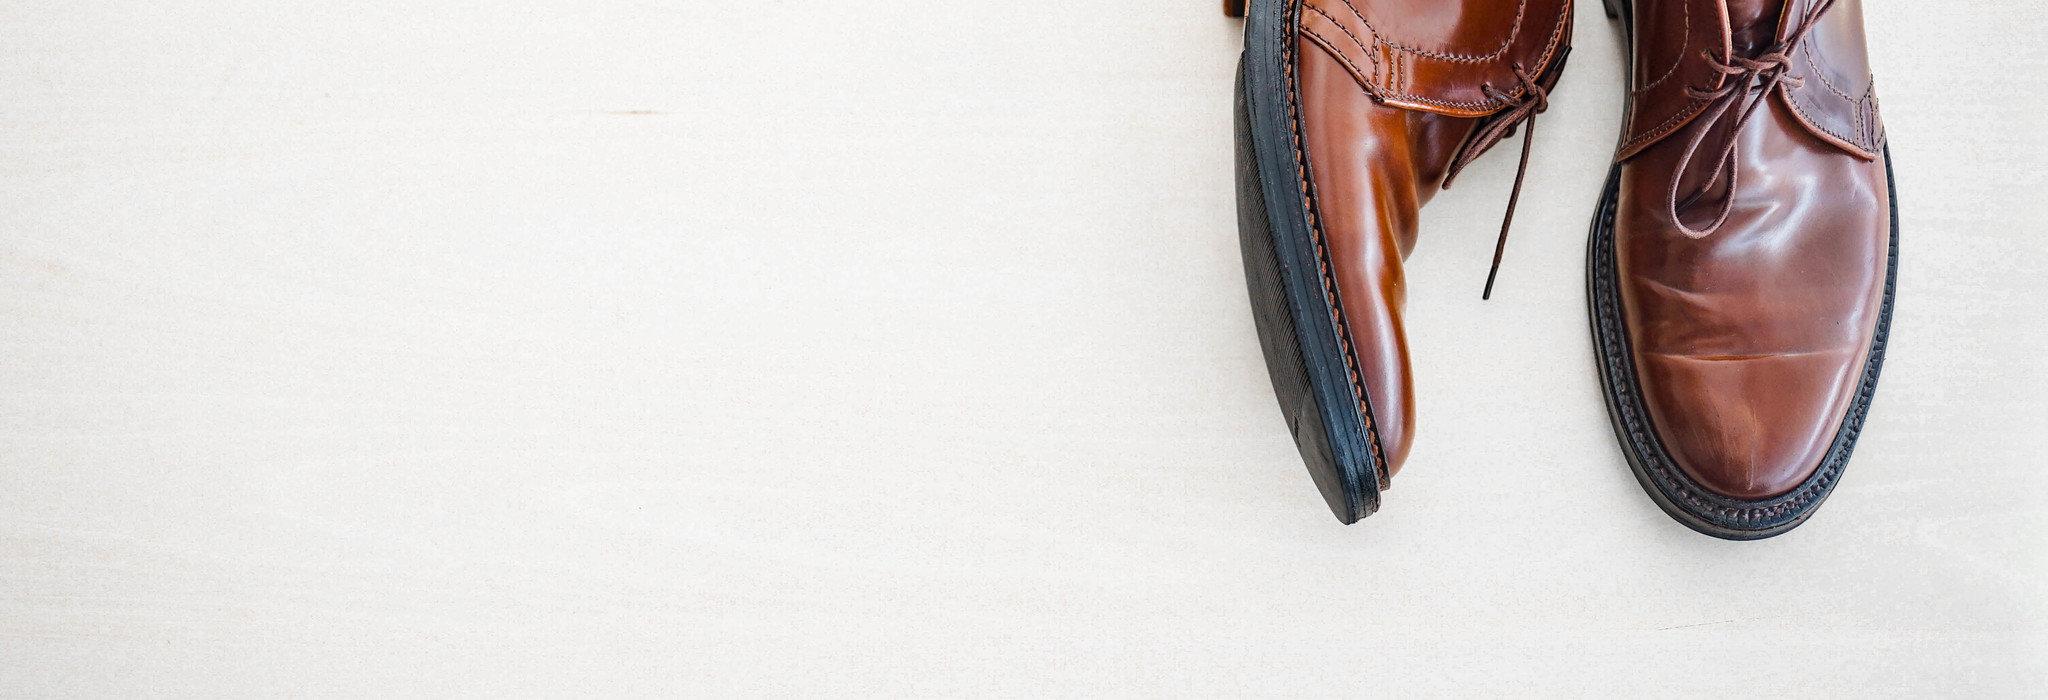 カジュアルブーツの代表格。チャッカブーツの特徴と代表モデル_image